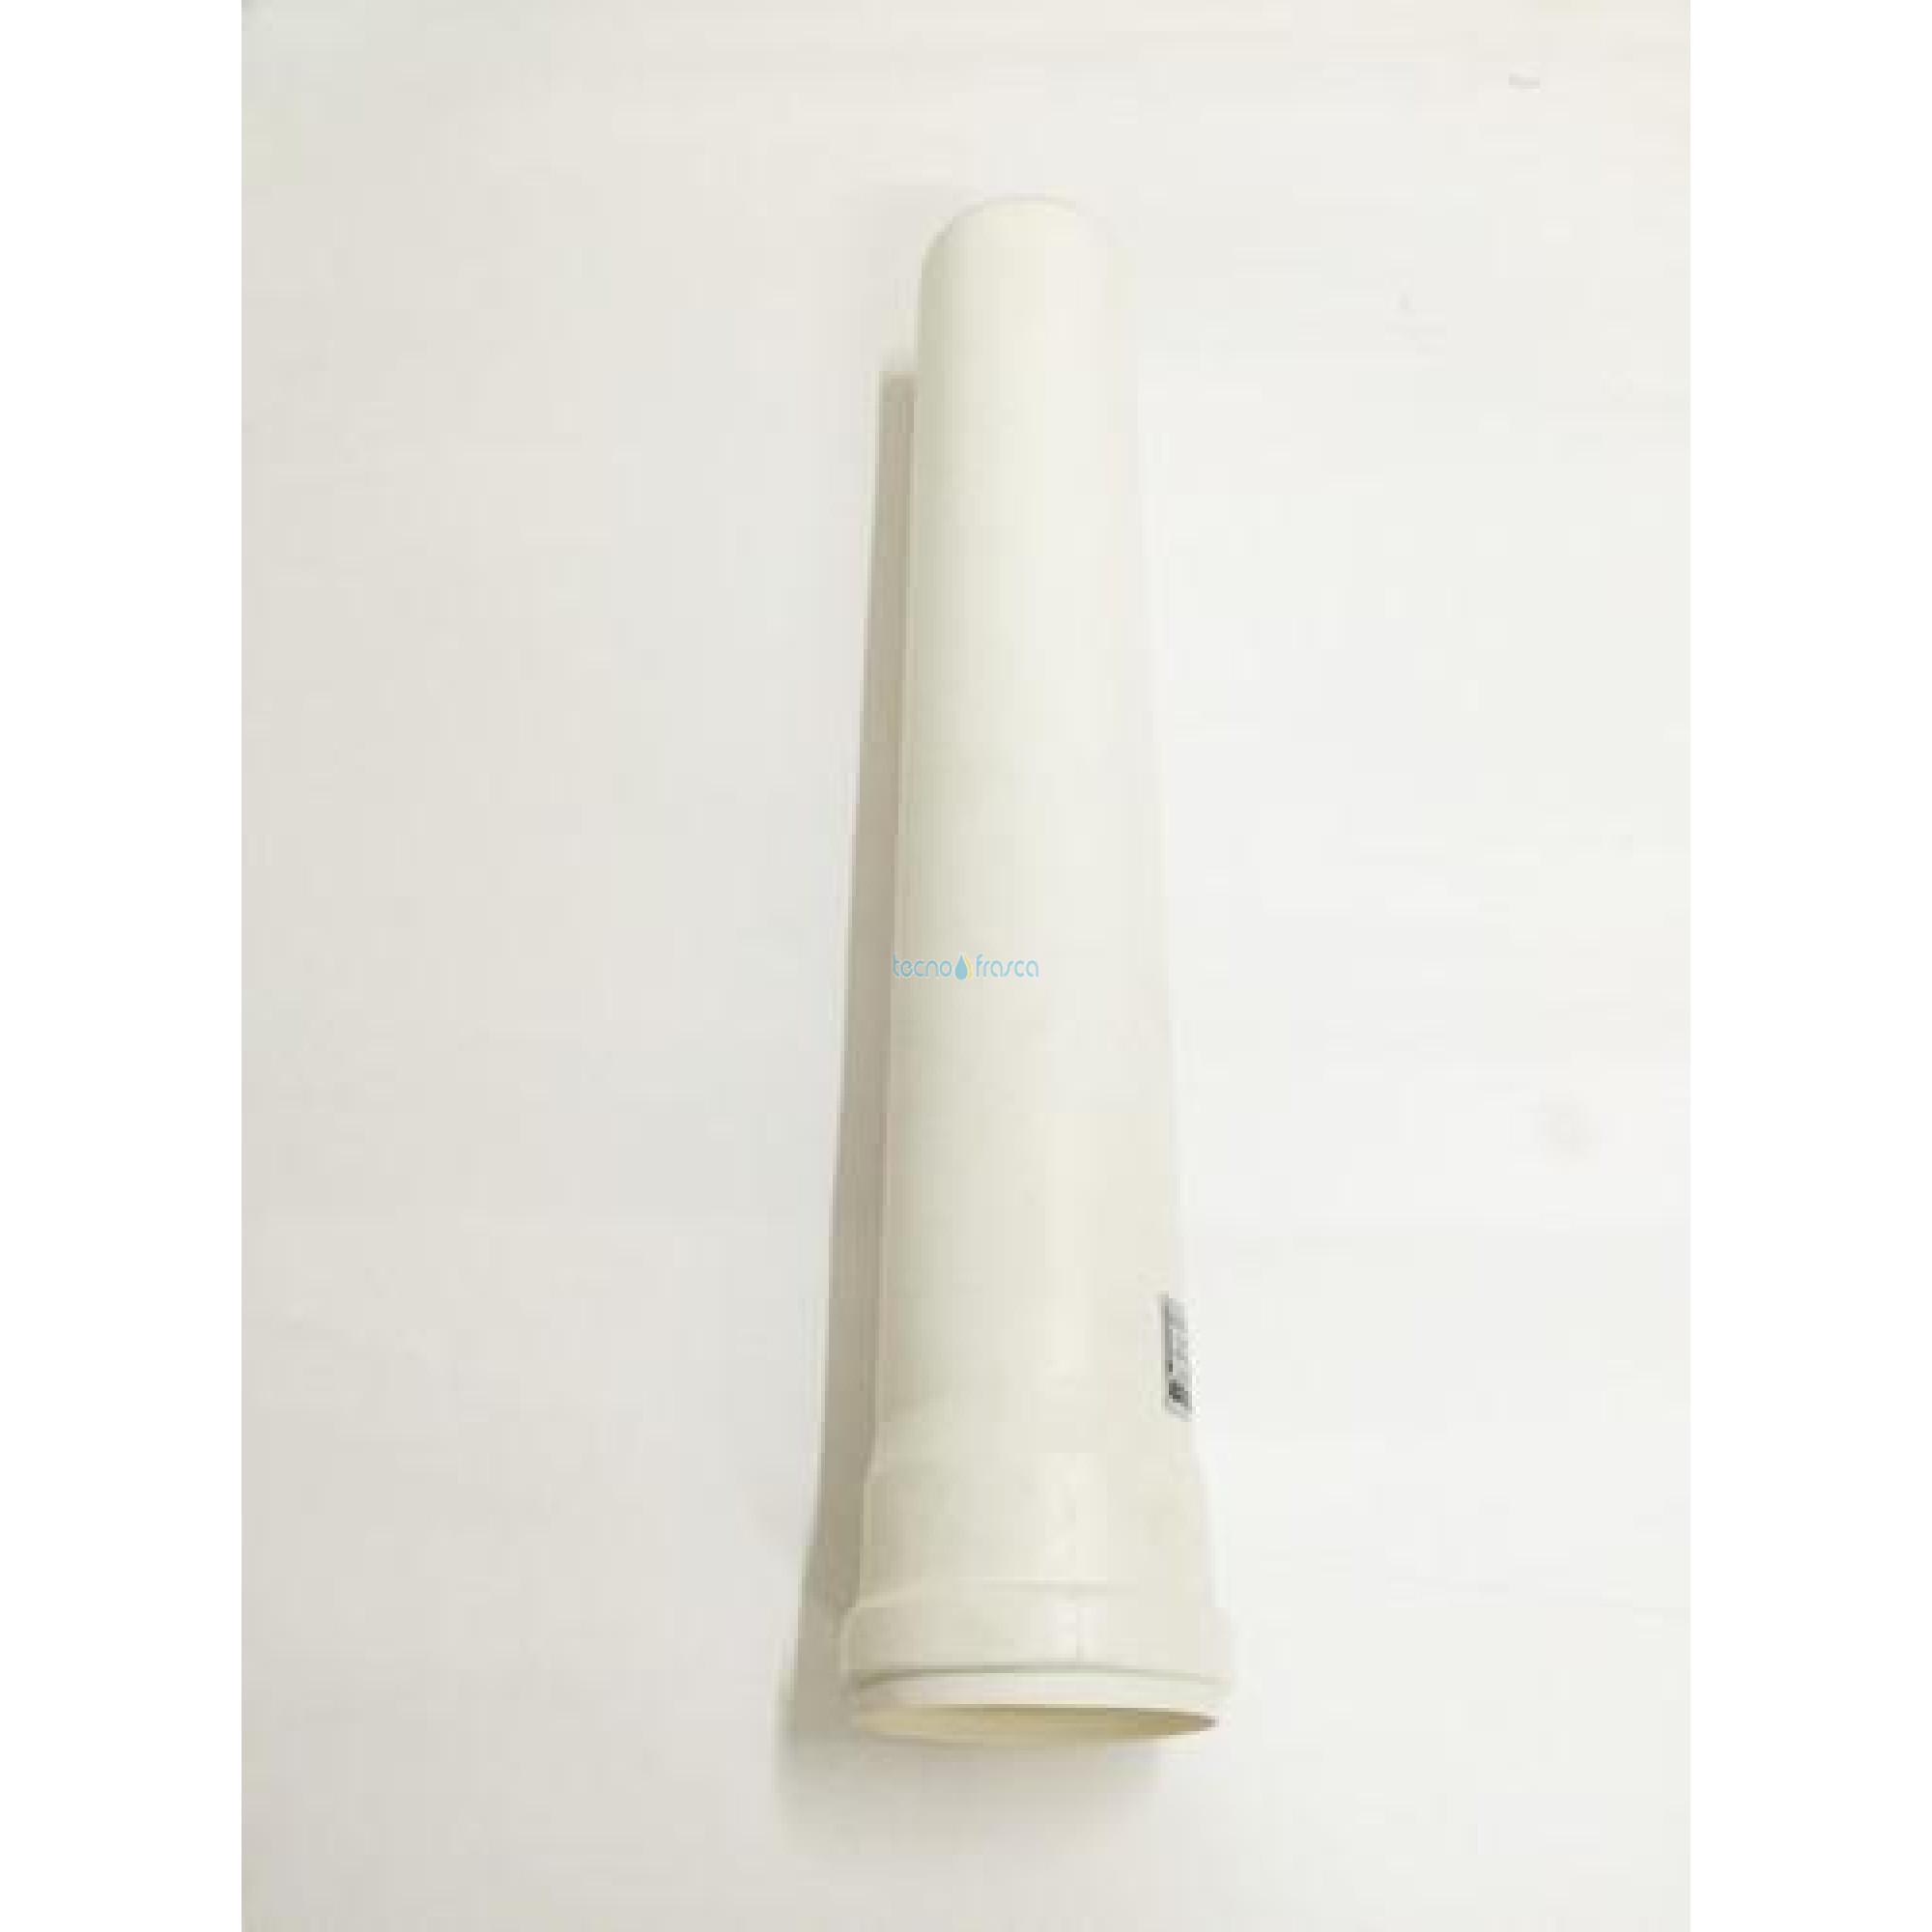 Kit prolunga m/f d80 l500 8-500mh5-s